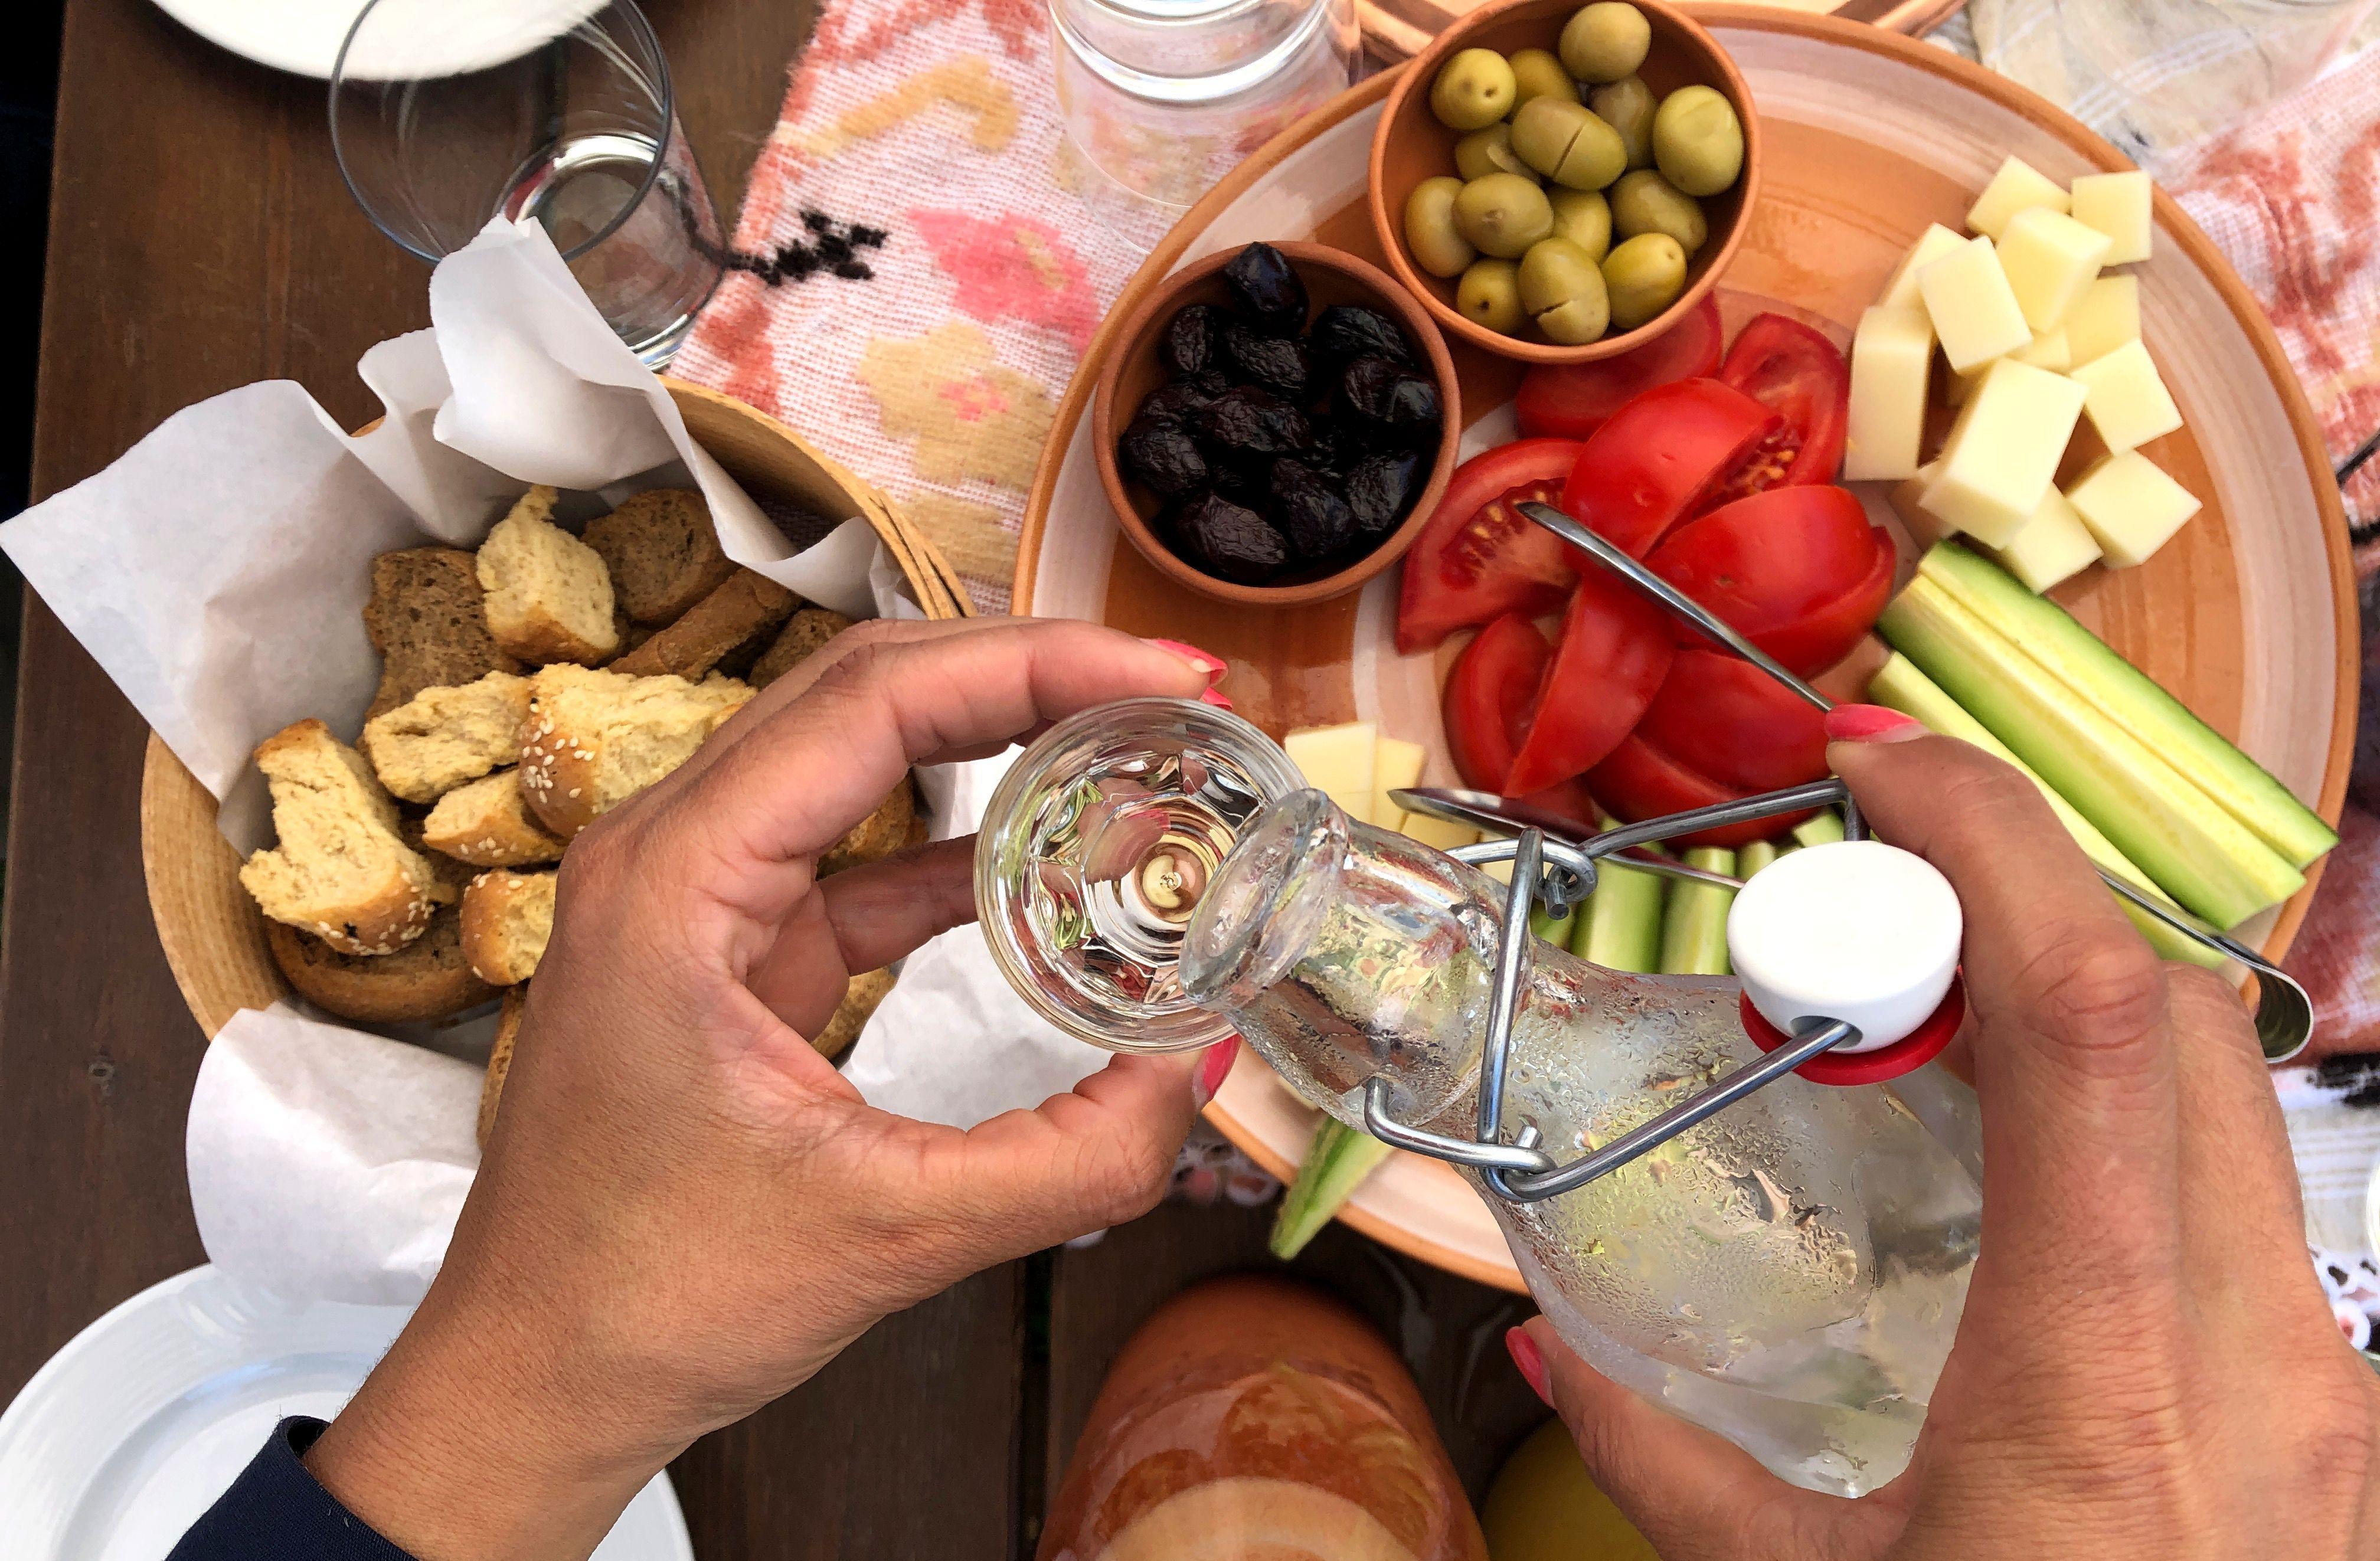 Bei Kretas sommerlichen Temperaturen reicht als Snack meist eine gemischte Platte mit Gemüse, Käse und Brot.